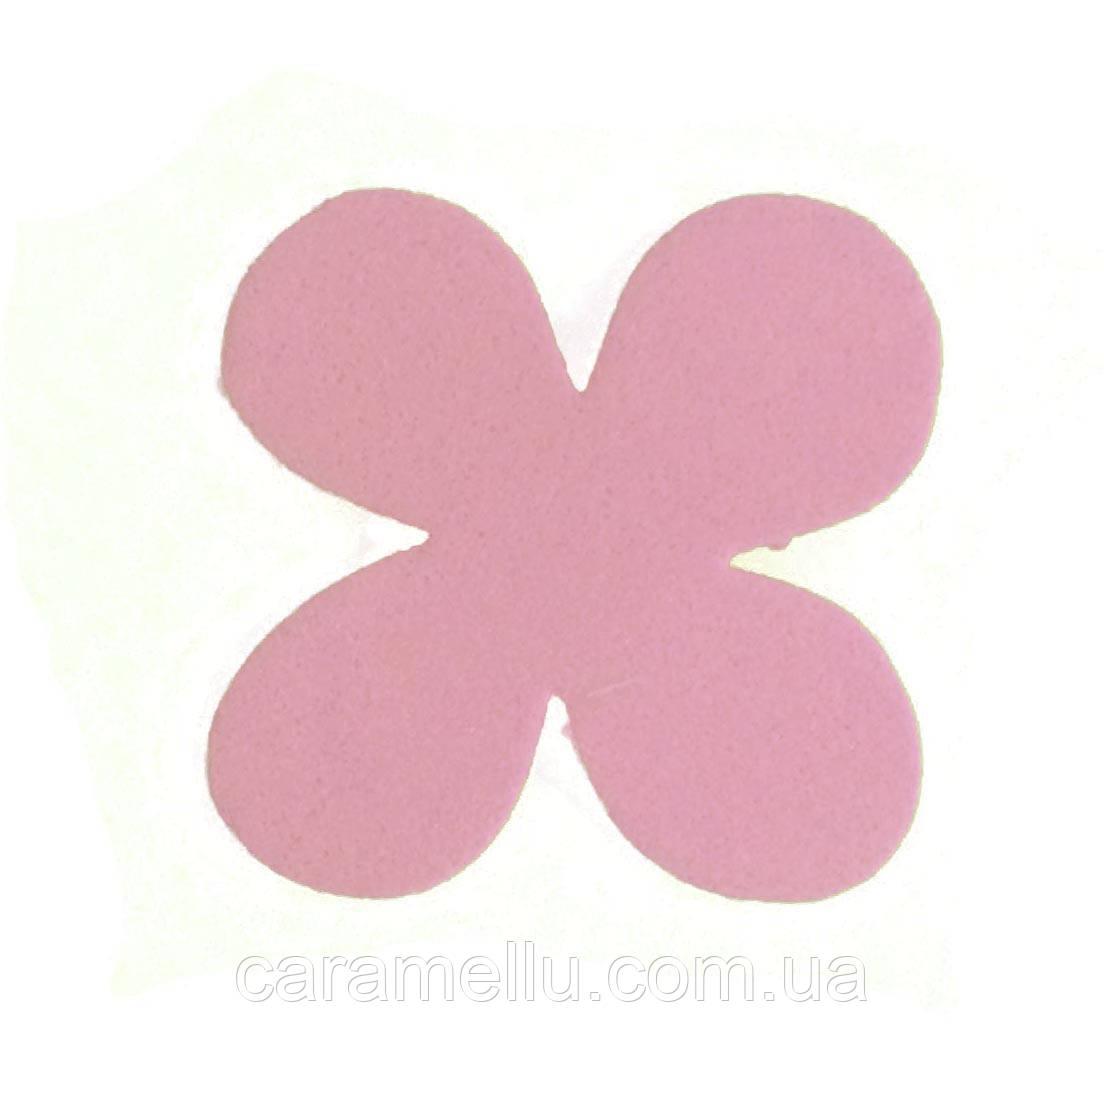 Цветок сирени 2.0см 30шт, Темно-розовый 148